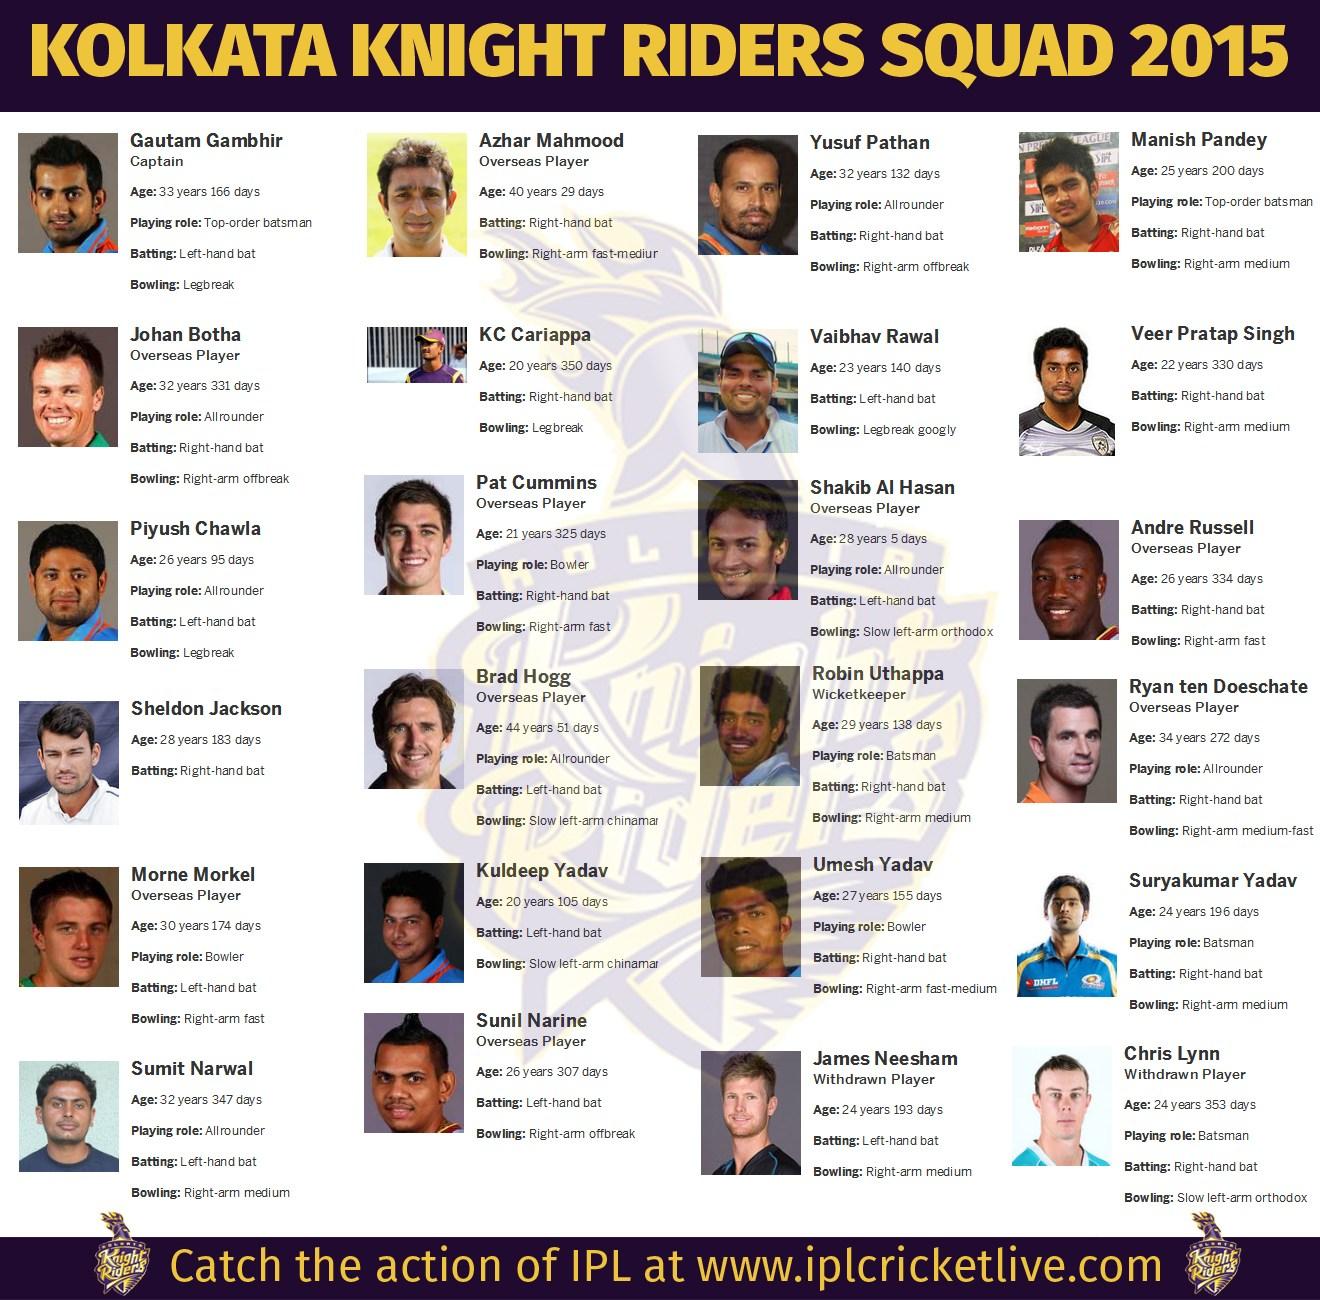 IPL 2016, Indian Premier League 2016 - Indian Premier League Squad